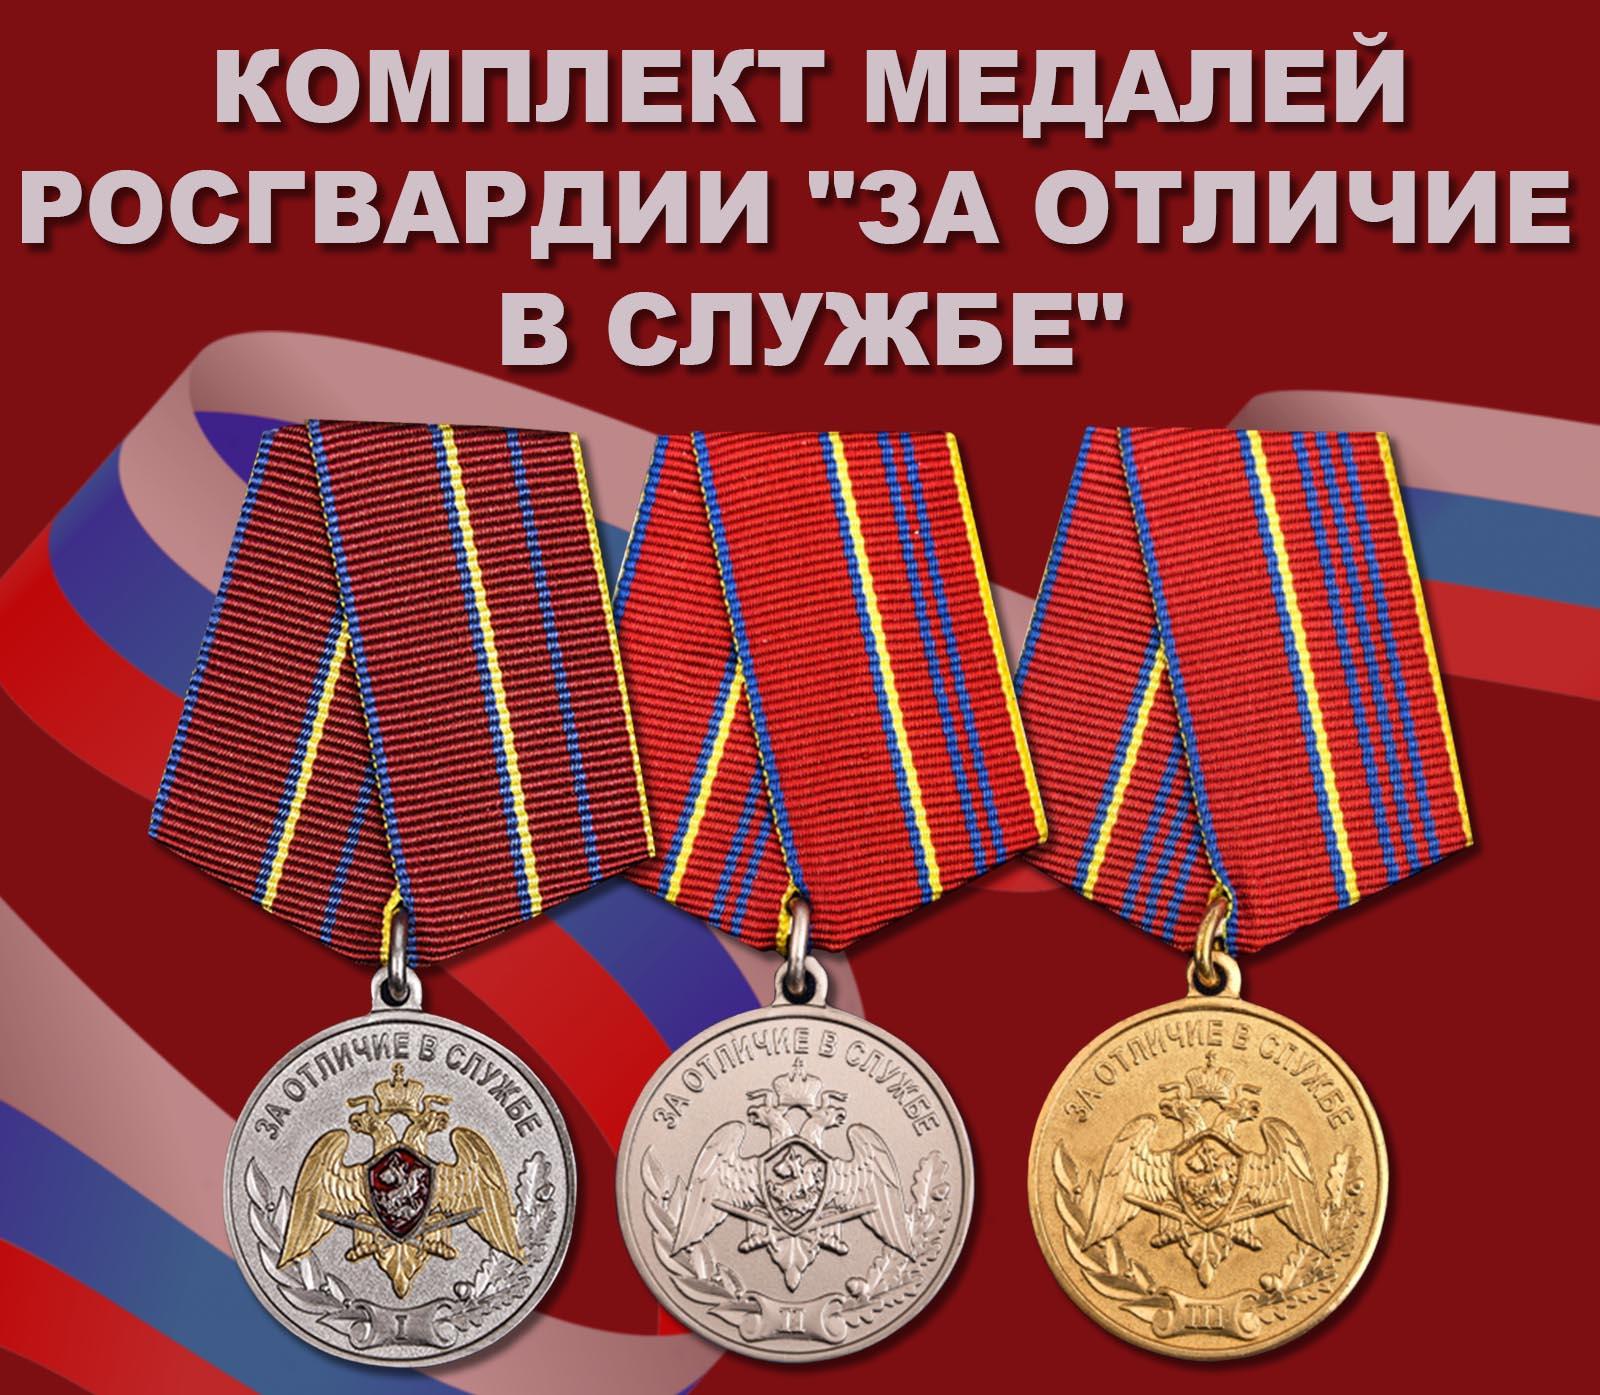 """Комплект медалей Росгвардии """"За отличие в службе"""""""